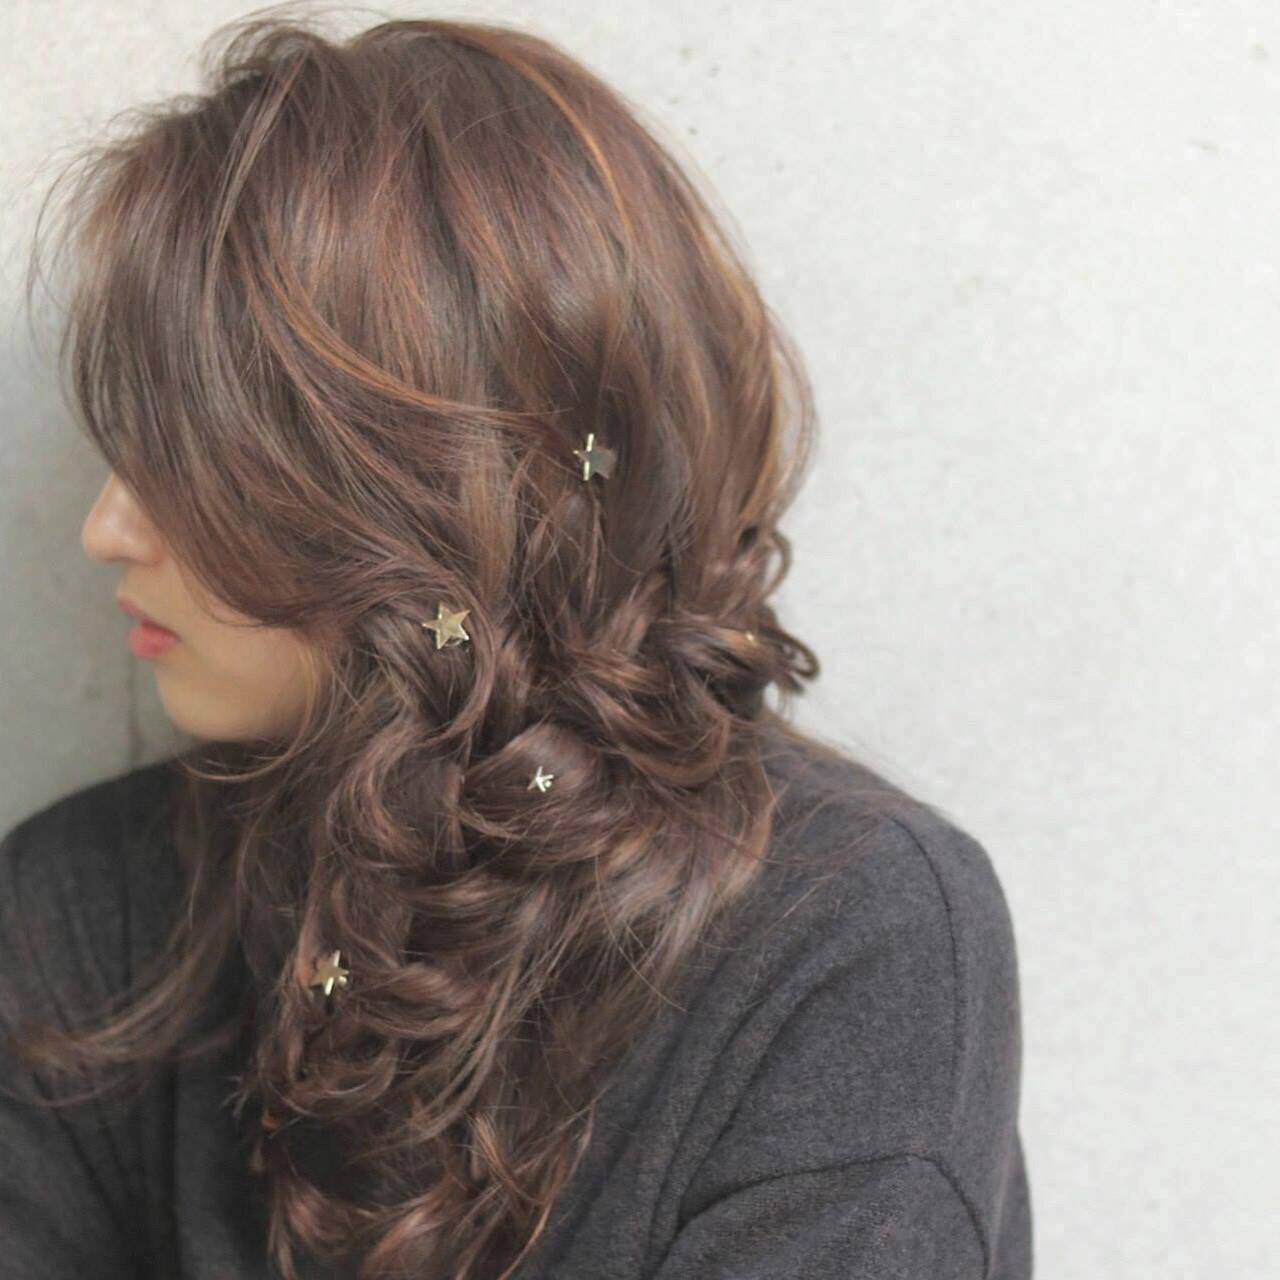 大人女子 ゆるふわ 小顔 ヘアアレンジヘアスタイルや髪型の写真・画像